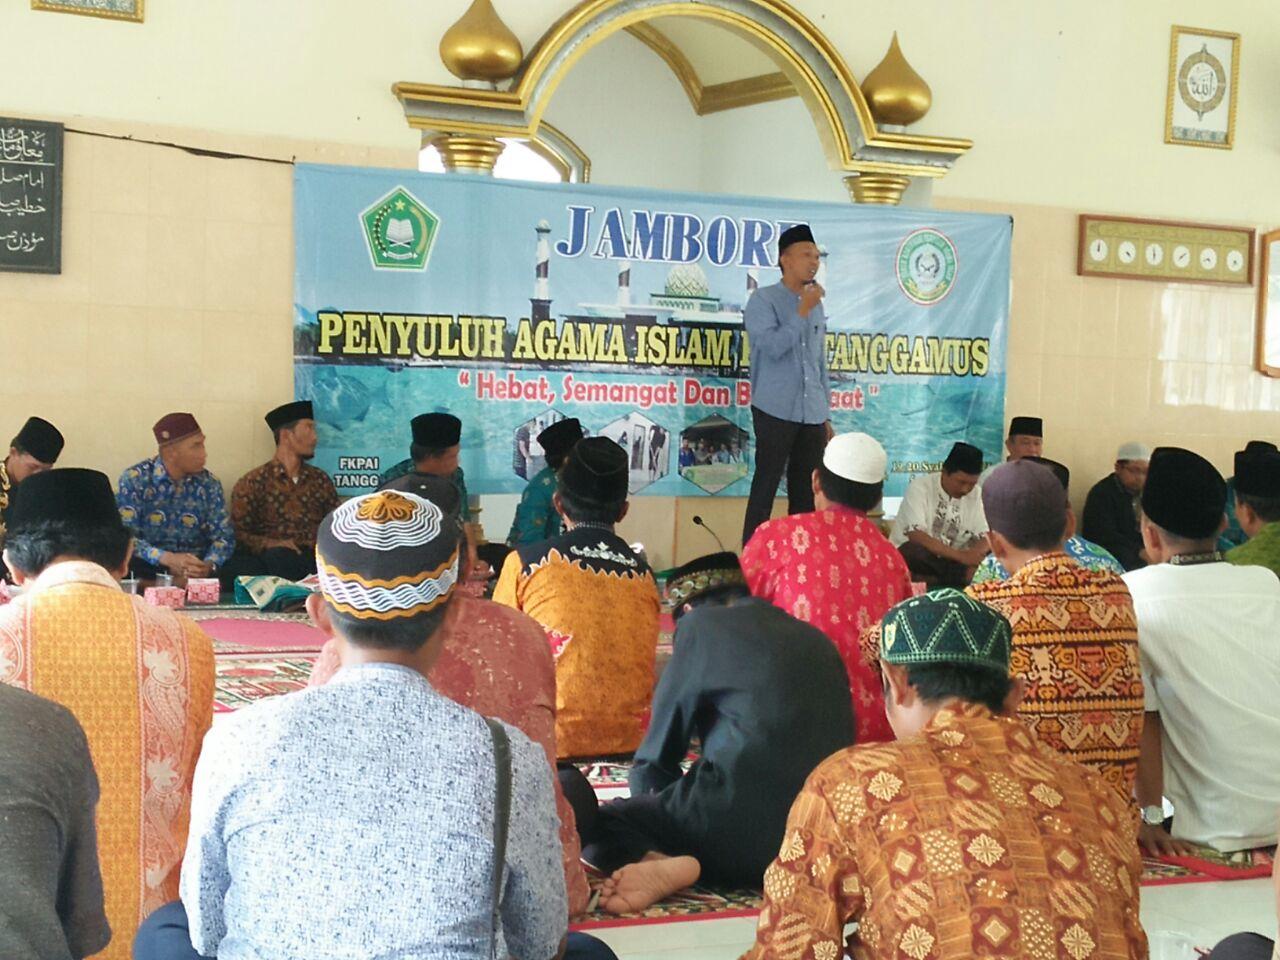 Jambore Penyuluh Agama Kuatkan Pembangunan Non-Fisik